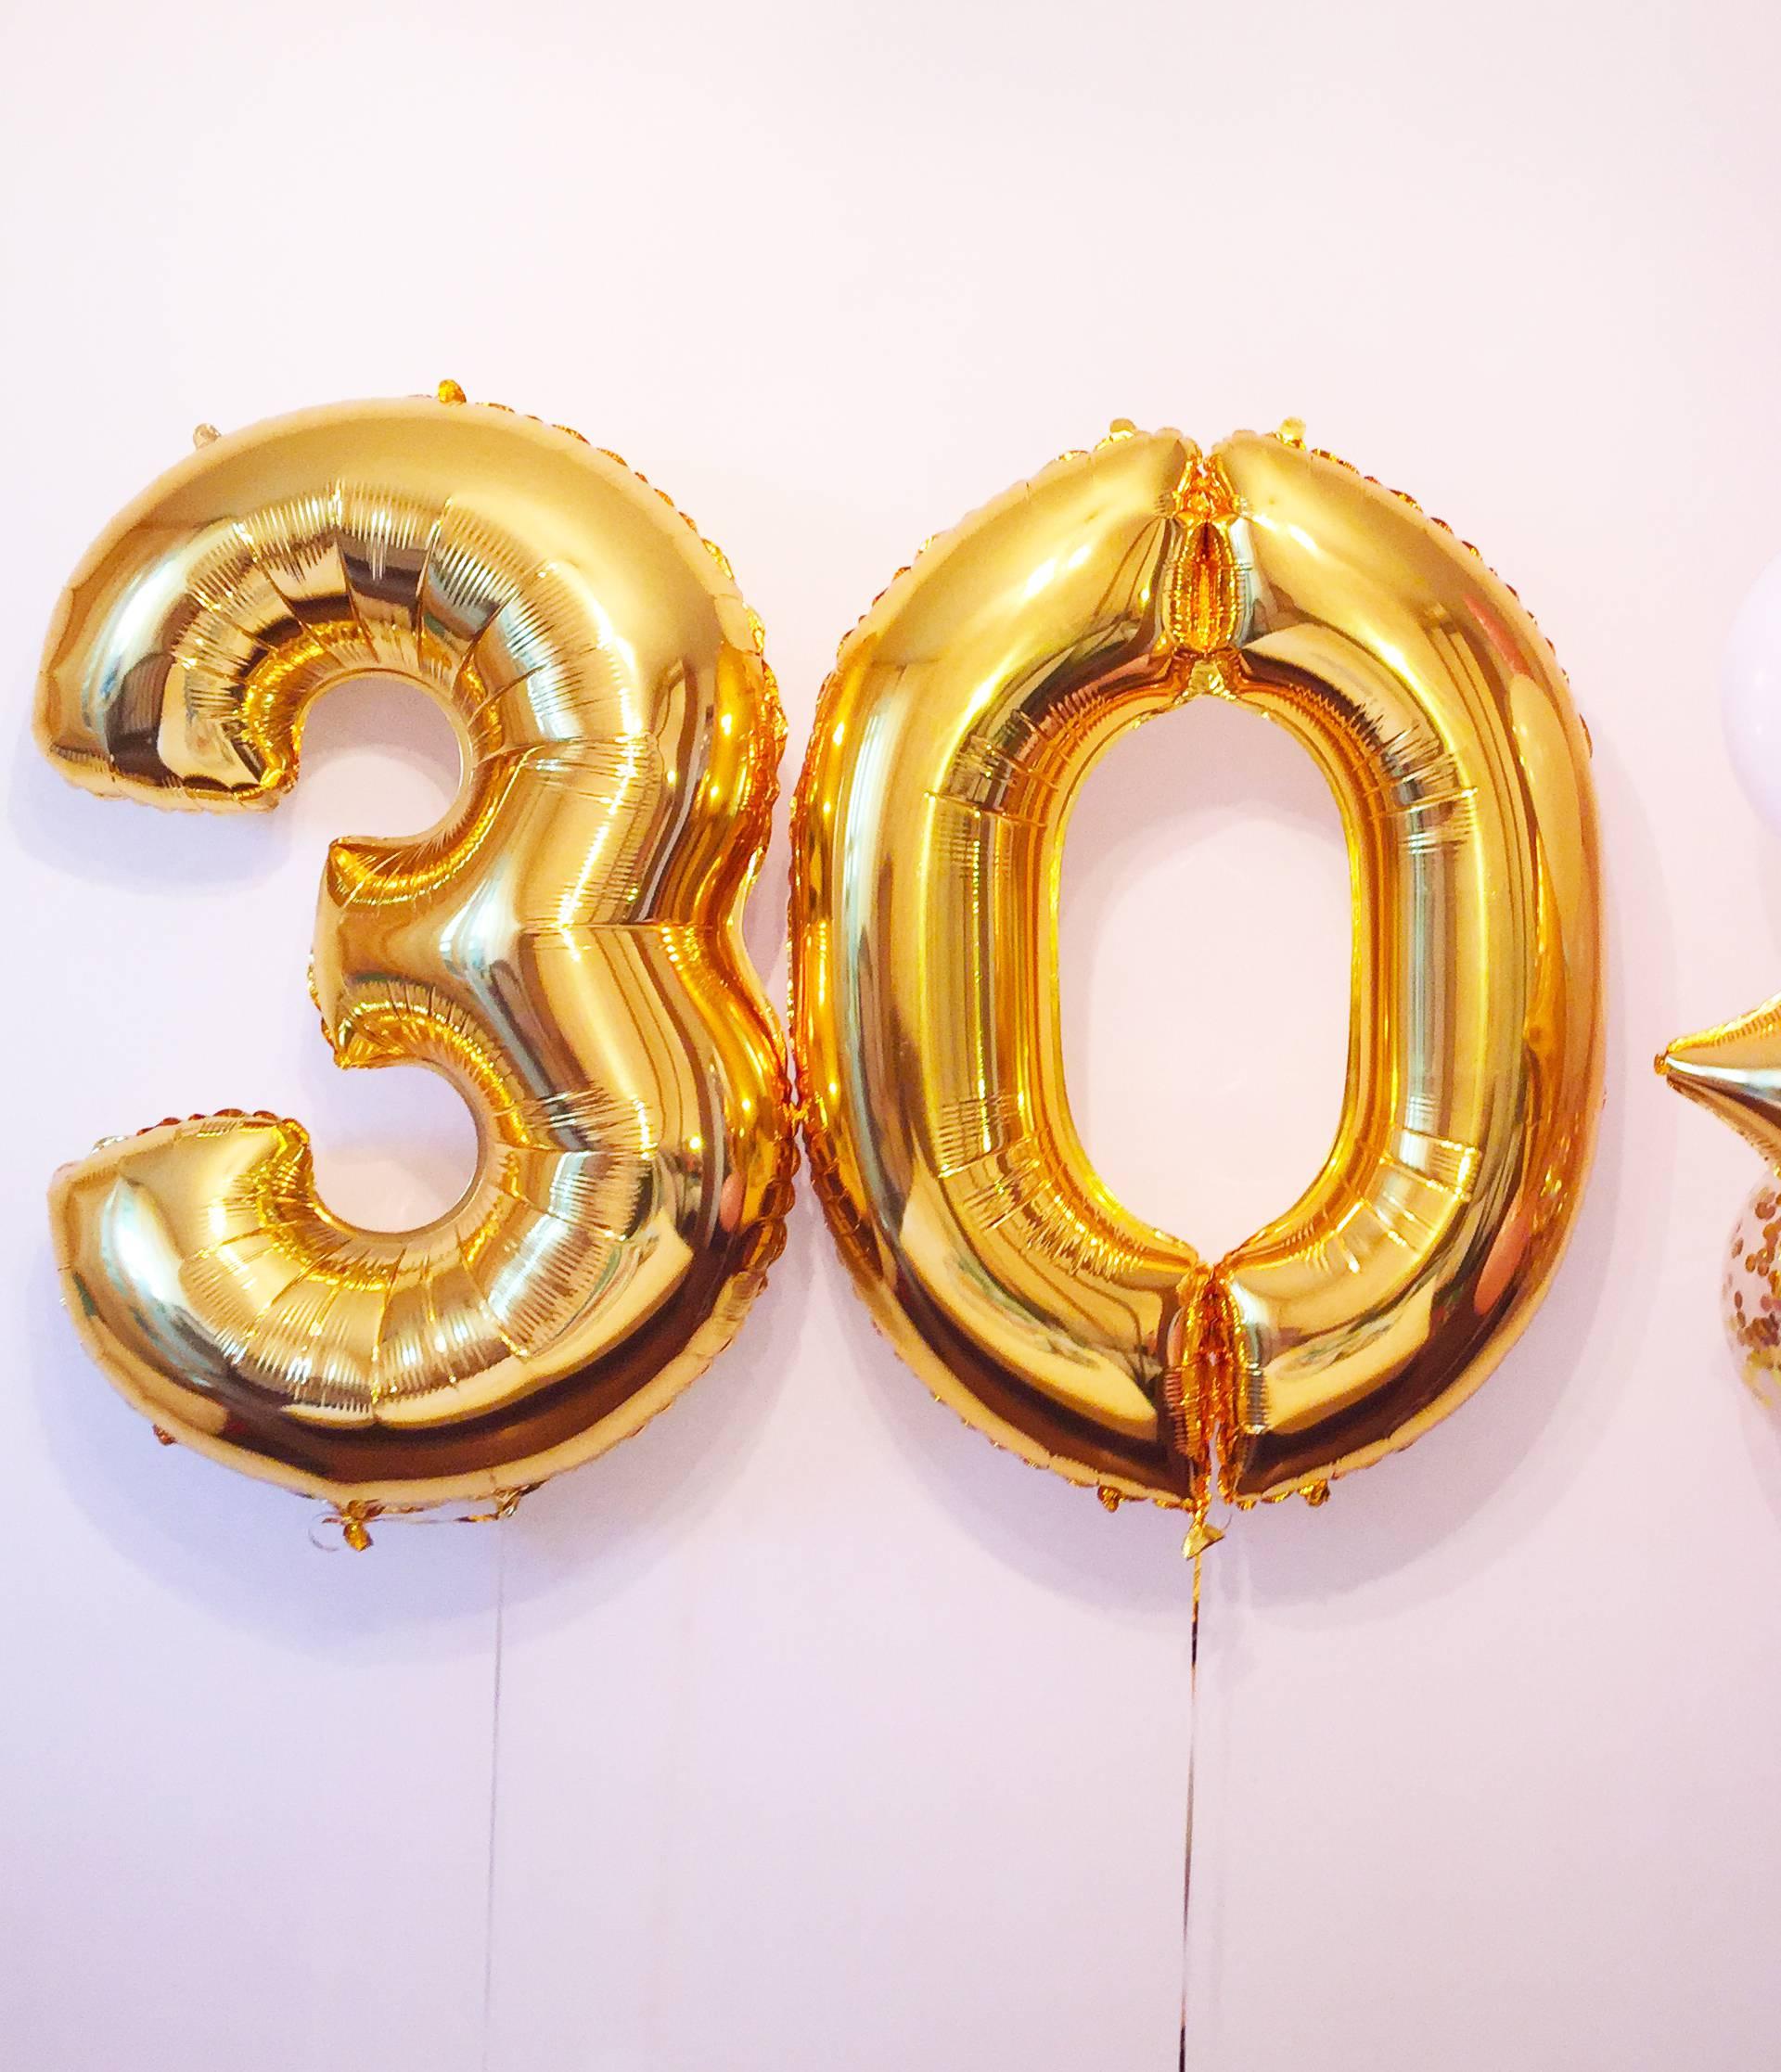 5 stvari koje morate napraviti prije nego napunite 30 godina